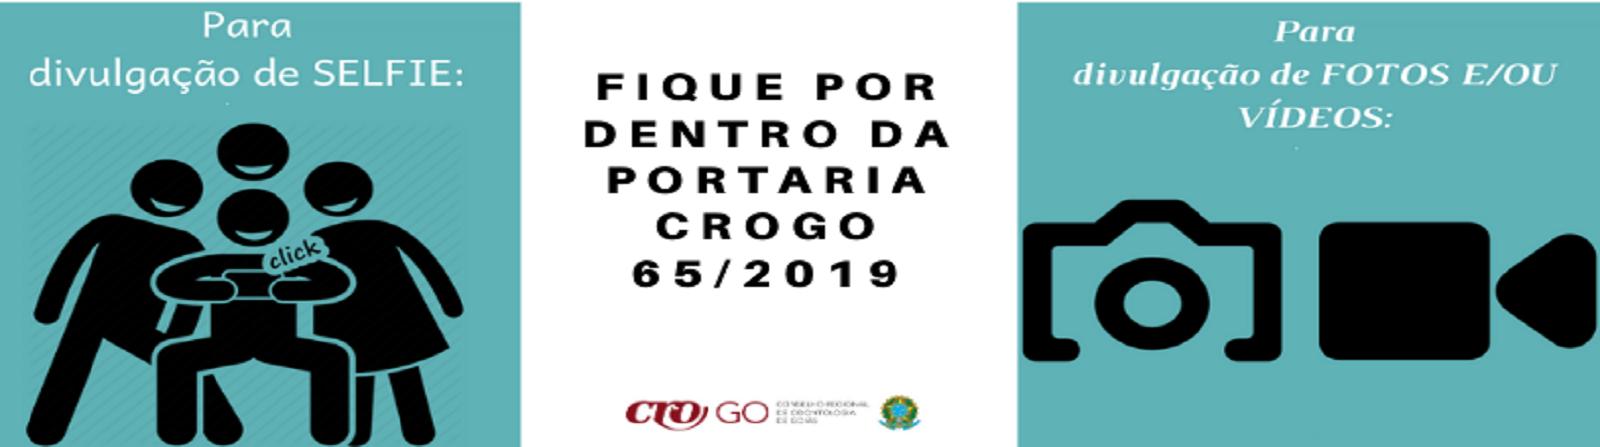 Fique_por_dentro_da_Portaria_CROGO_65-2019_-_1600_x_447